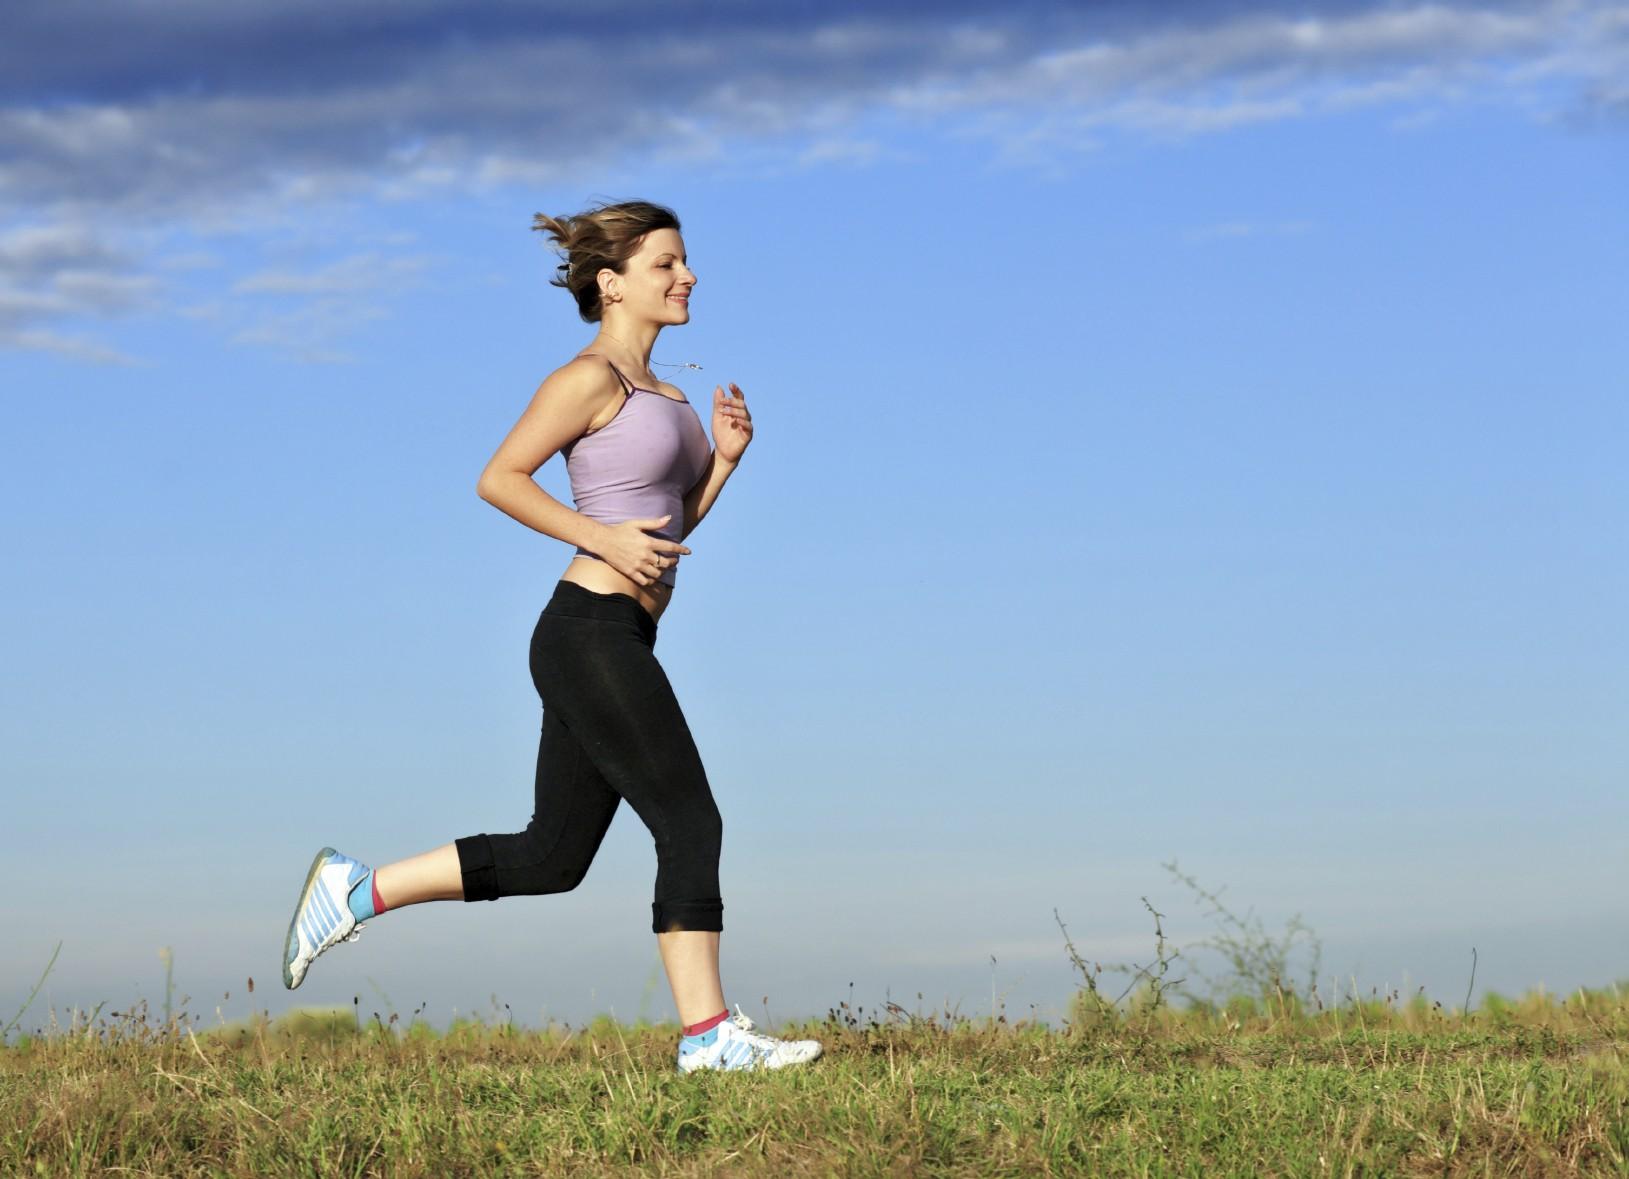 magas vérnyomás osztály óra magas vérnyomás és testmozgás komplex